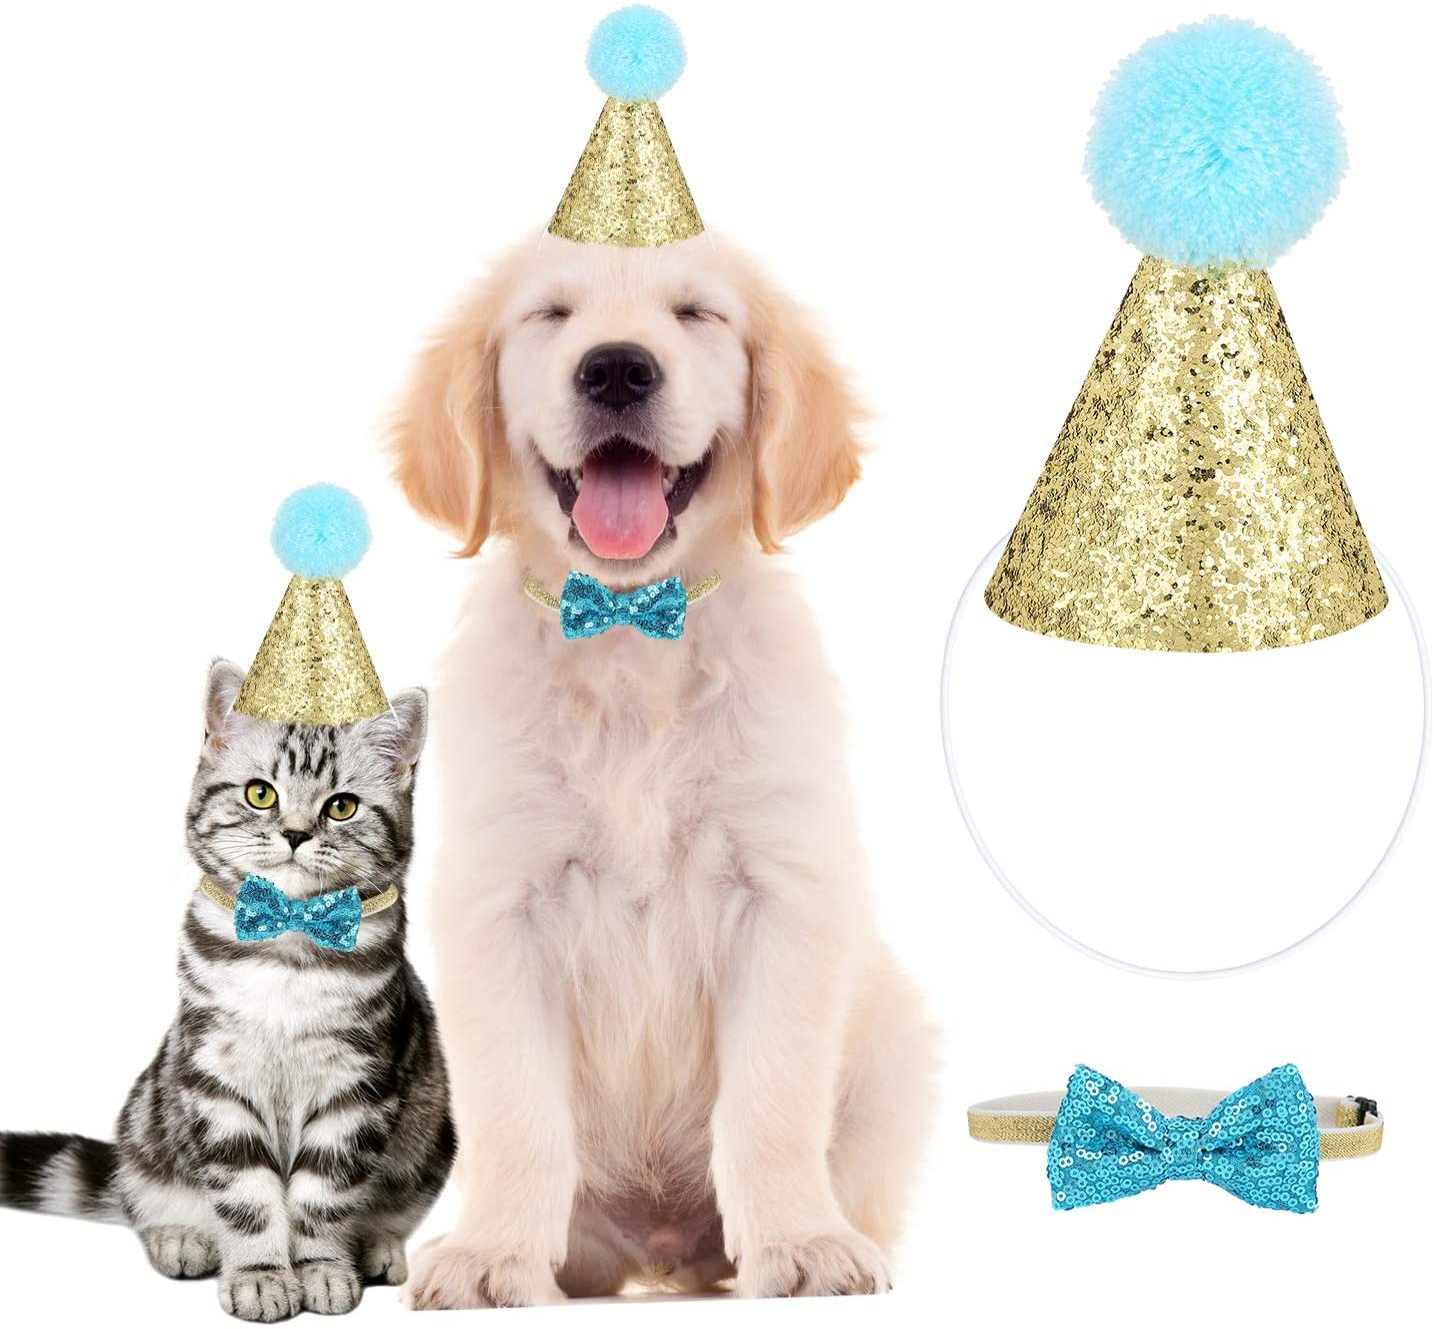 YOUTHINK Sombrero para Mascotas, Gorro de Cumpleaños para Gato, Perro, Diadema Reutilizable, Sombreros, Pajarita, Disfraz de Fiesta para Cachorros, Decoración de Cumpleaños, Dorado